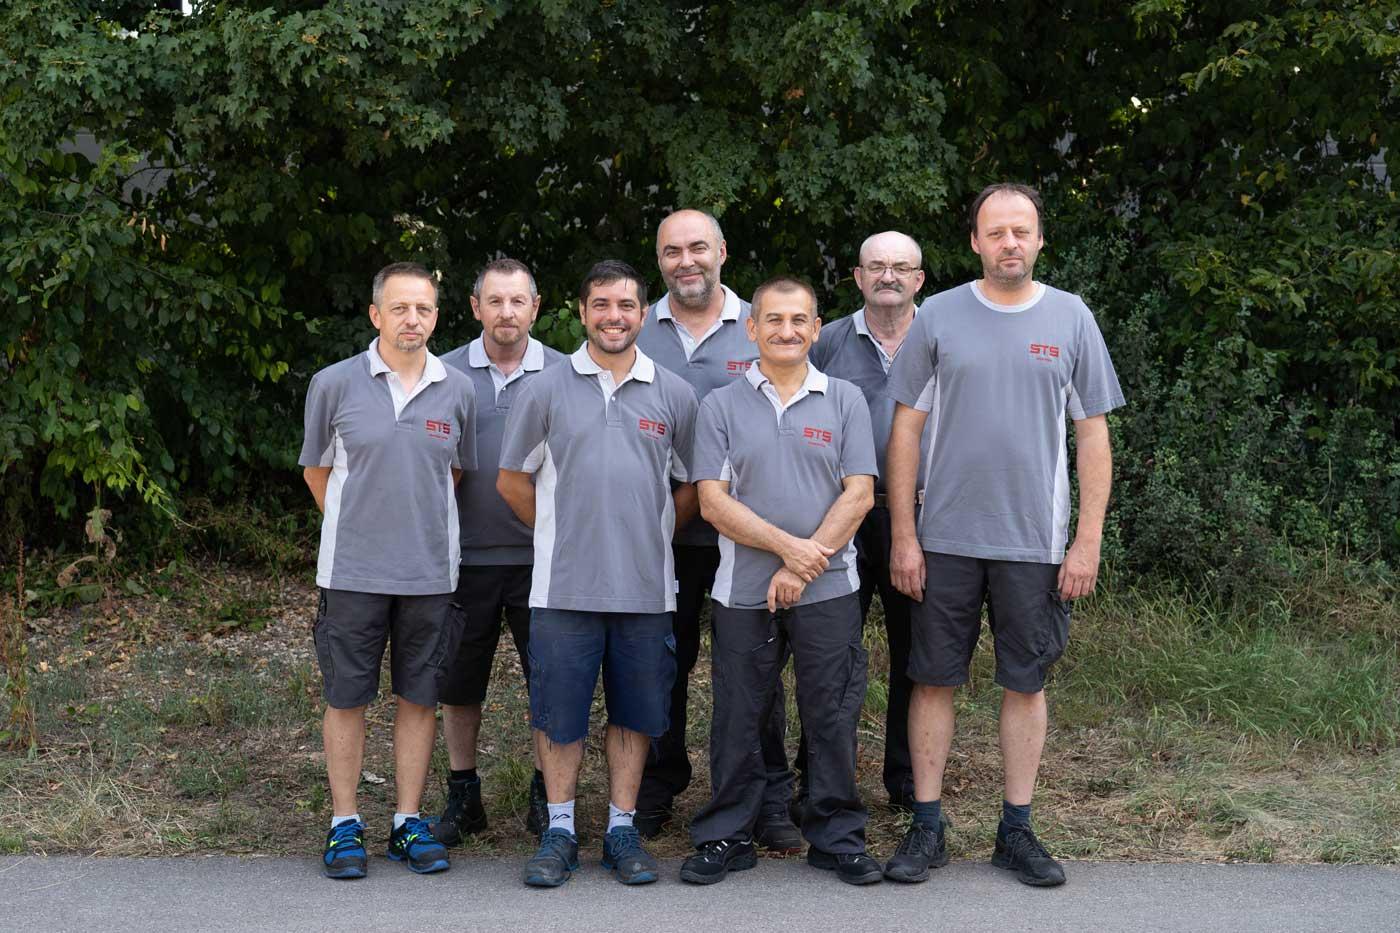 CNC Maschinen Produktion STS Team Experten